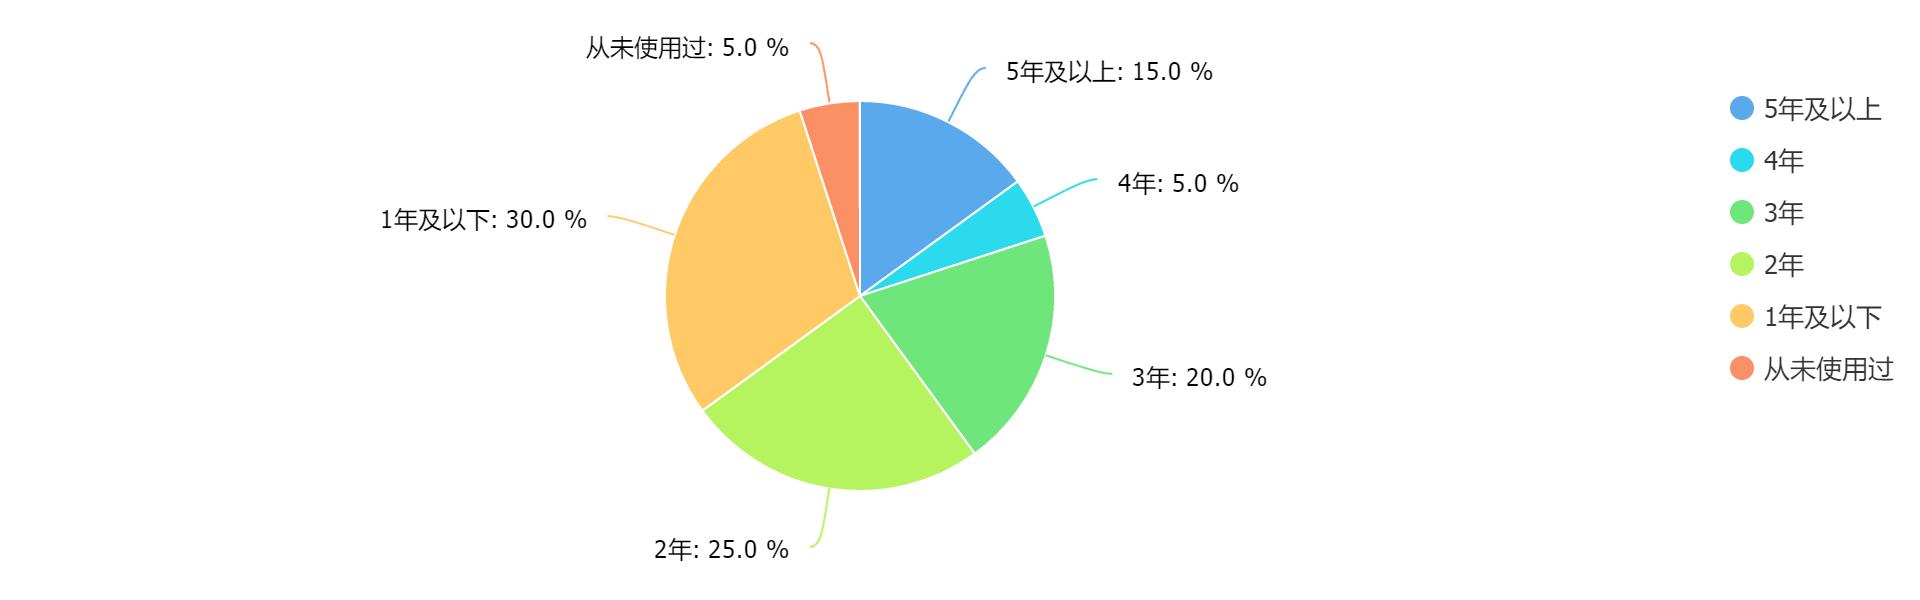 2018年中期网络云盘个人用户使用情况调查问卷及其分析